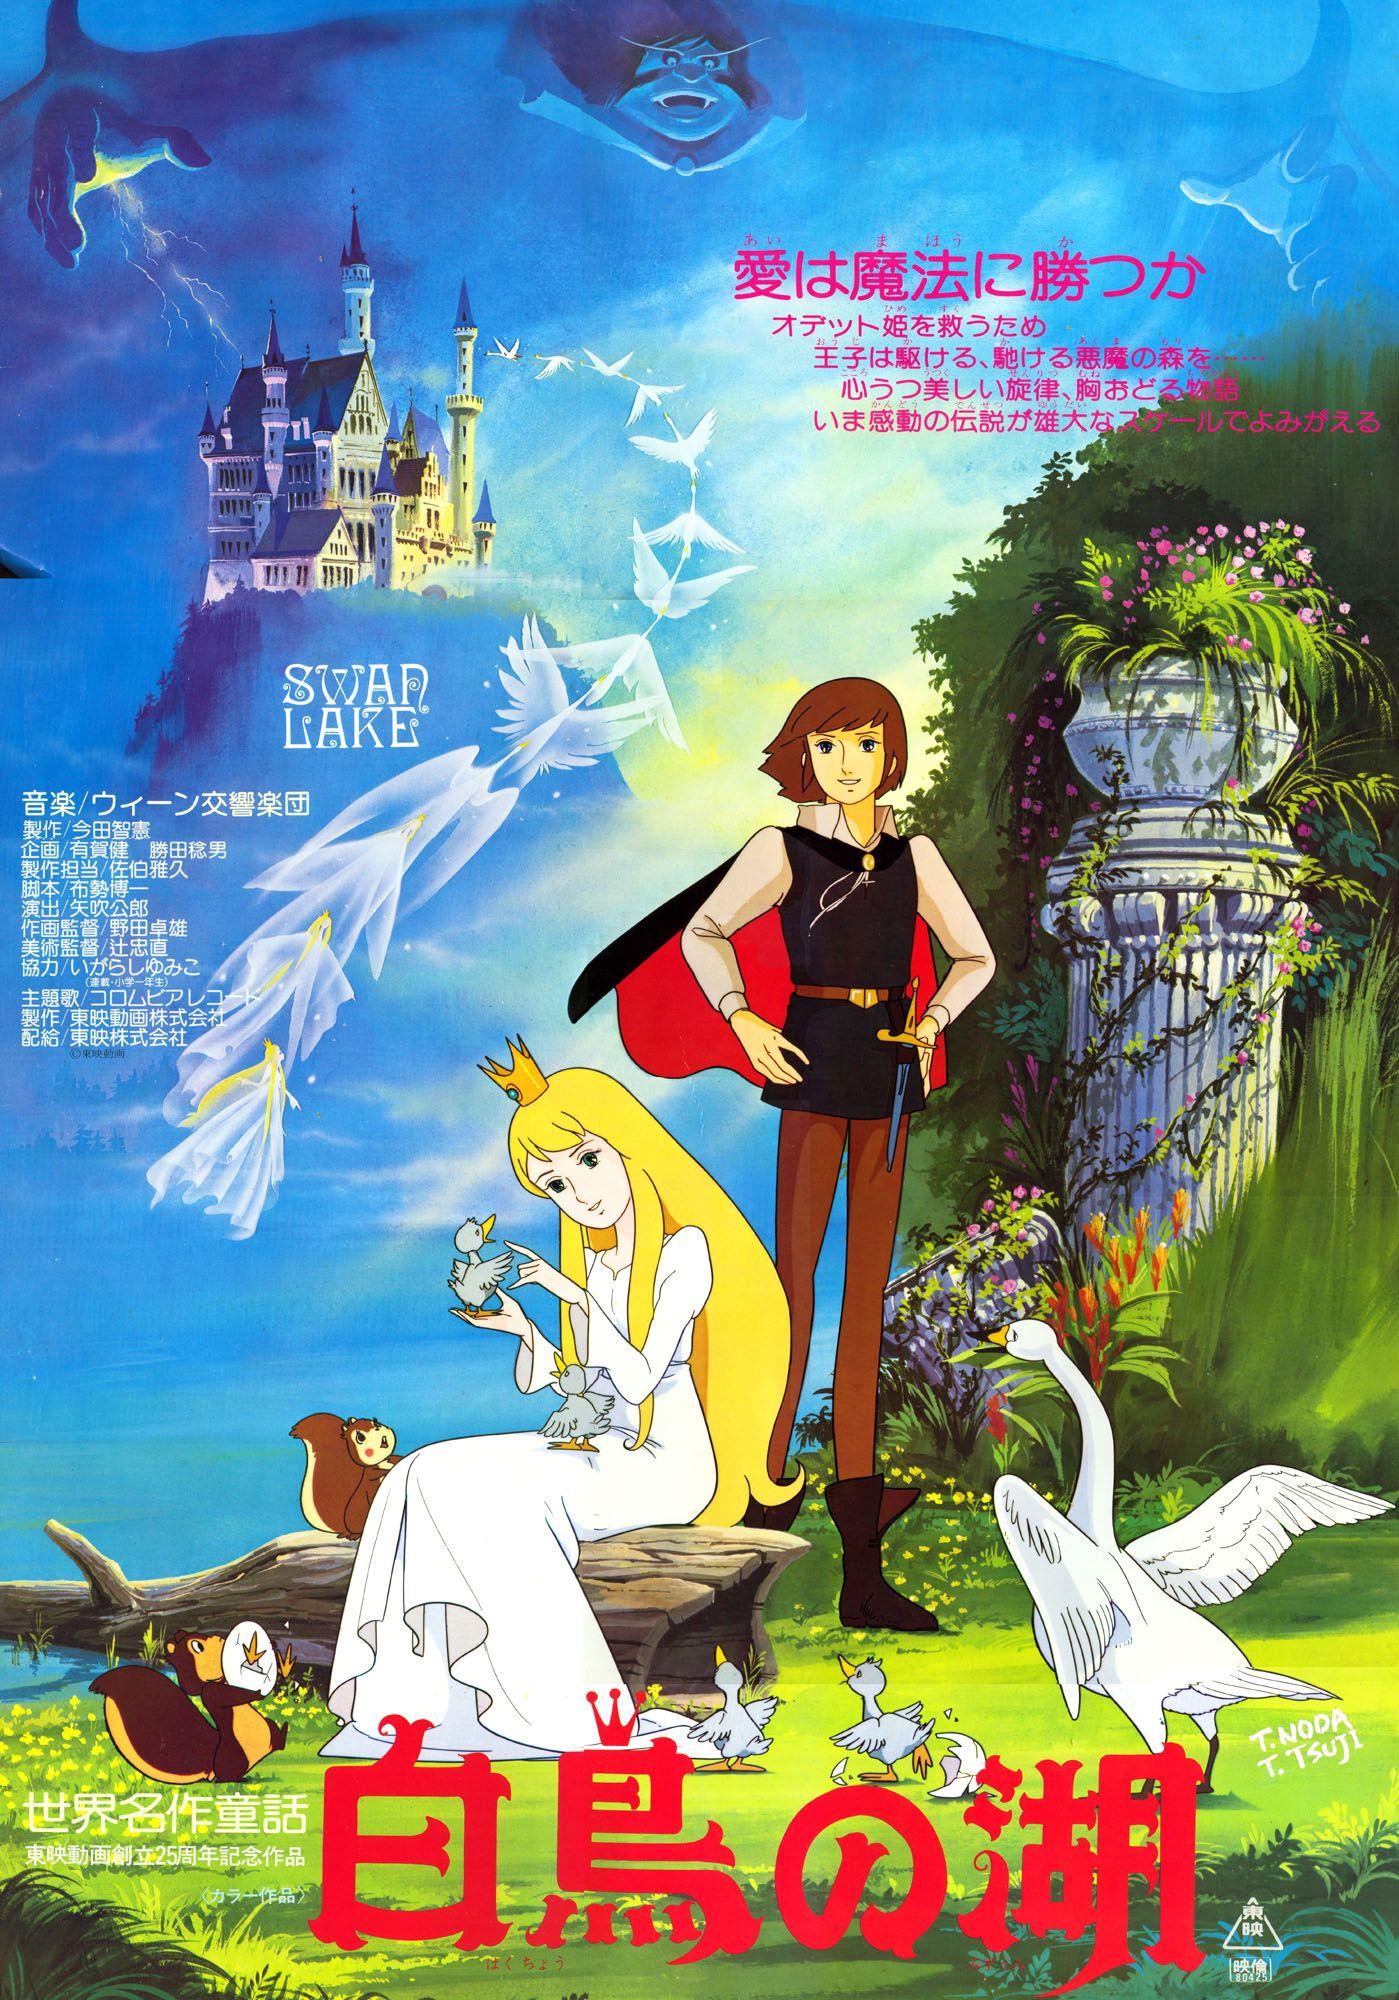 Original 'Swan Lake' (1981) poster. Japanese animation